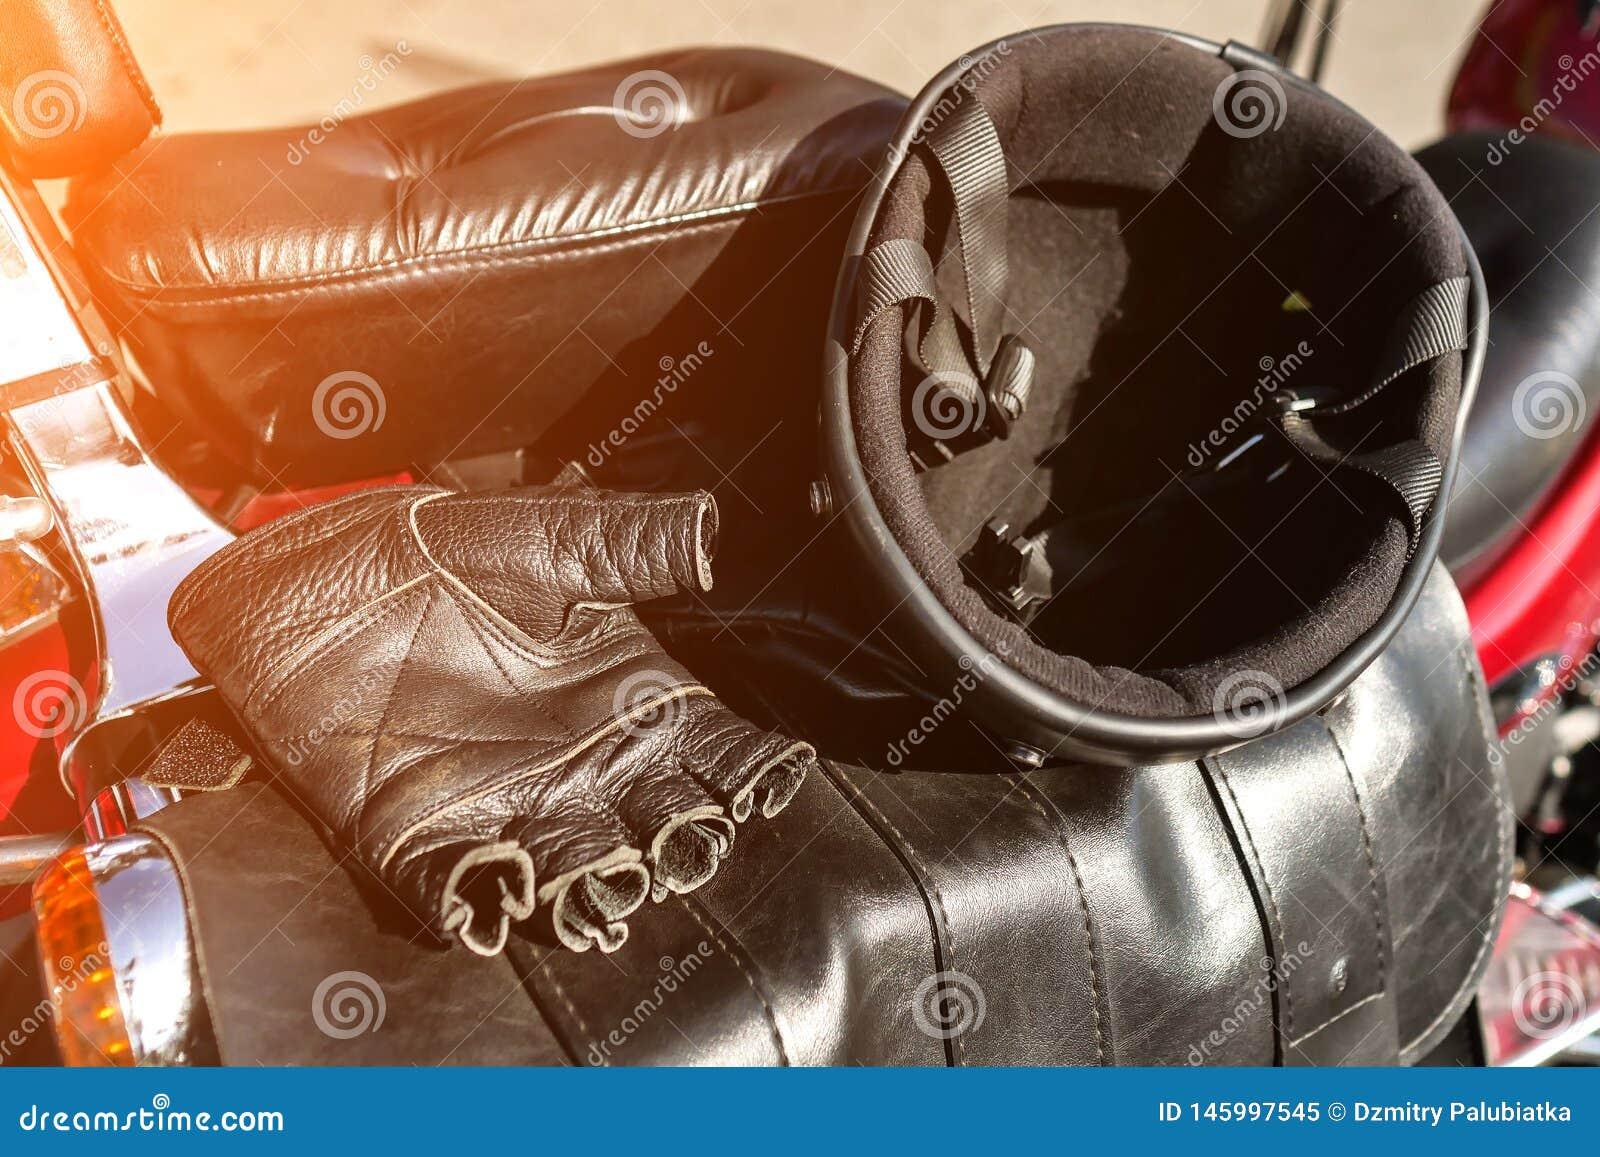 Hełm i rękawiczki jesteśmy na siedzeniu motocykl